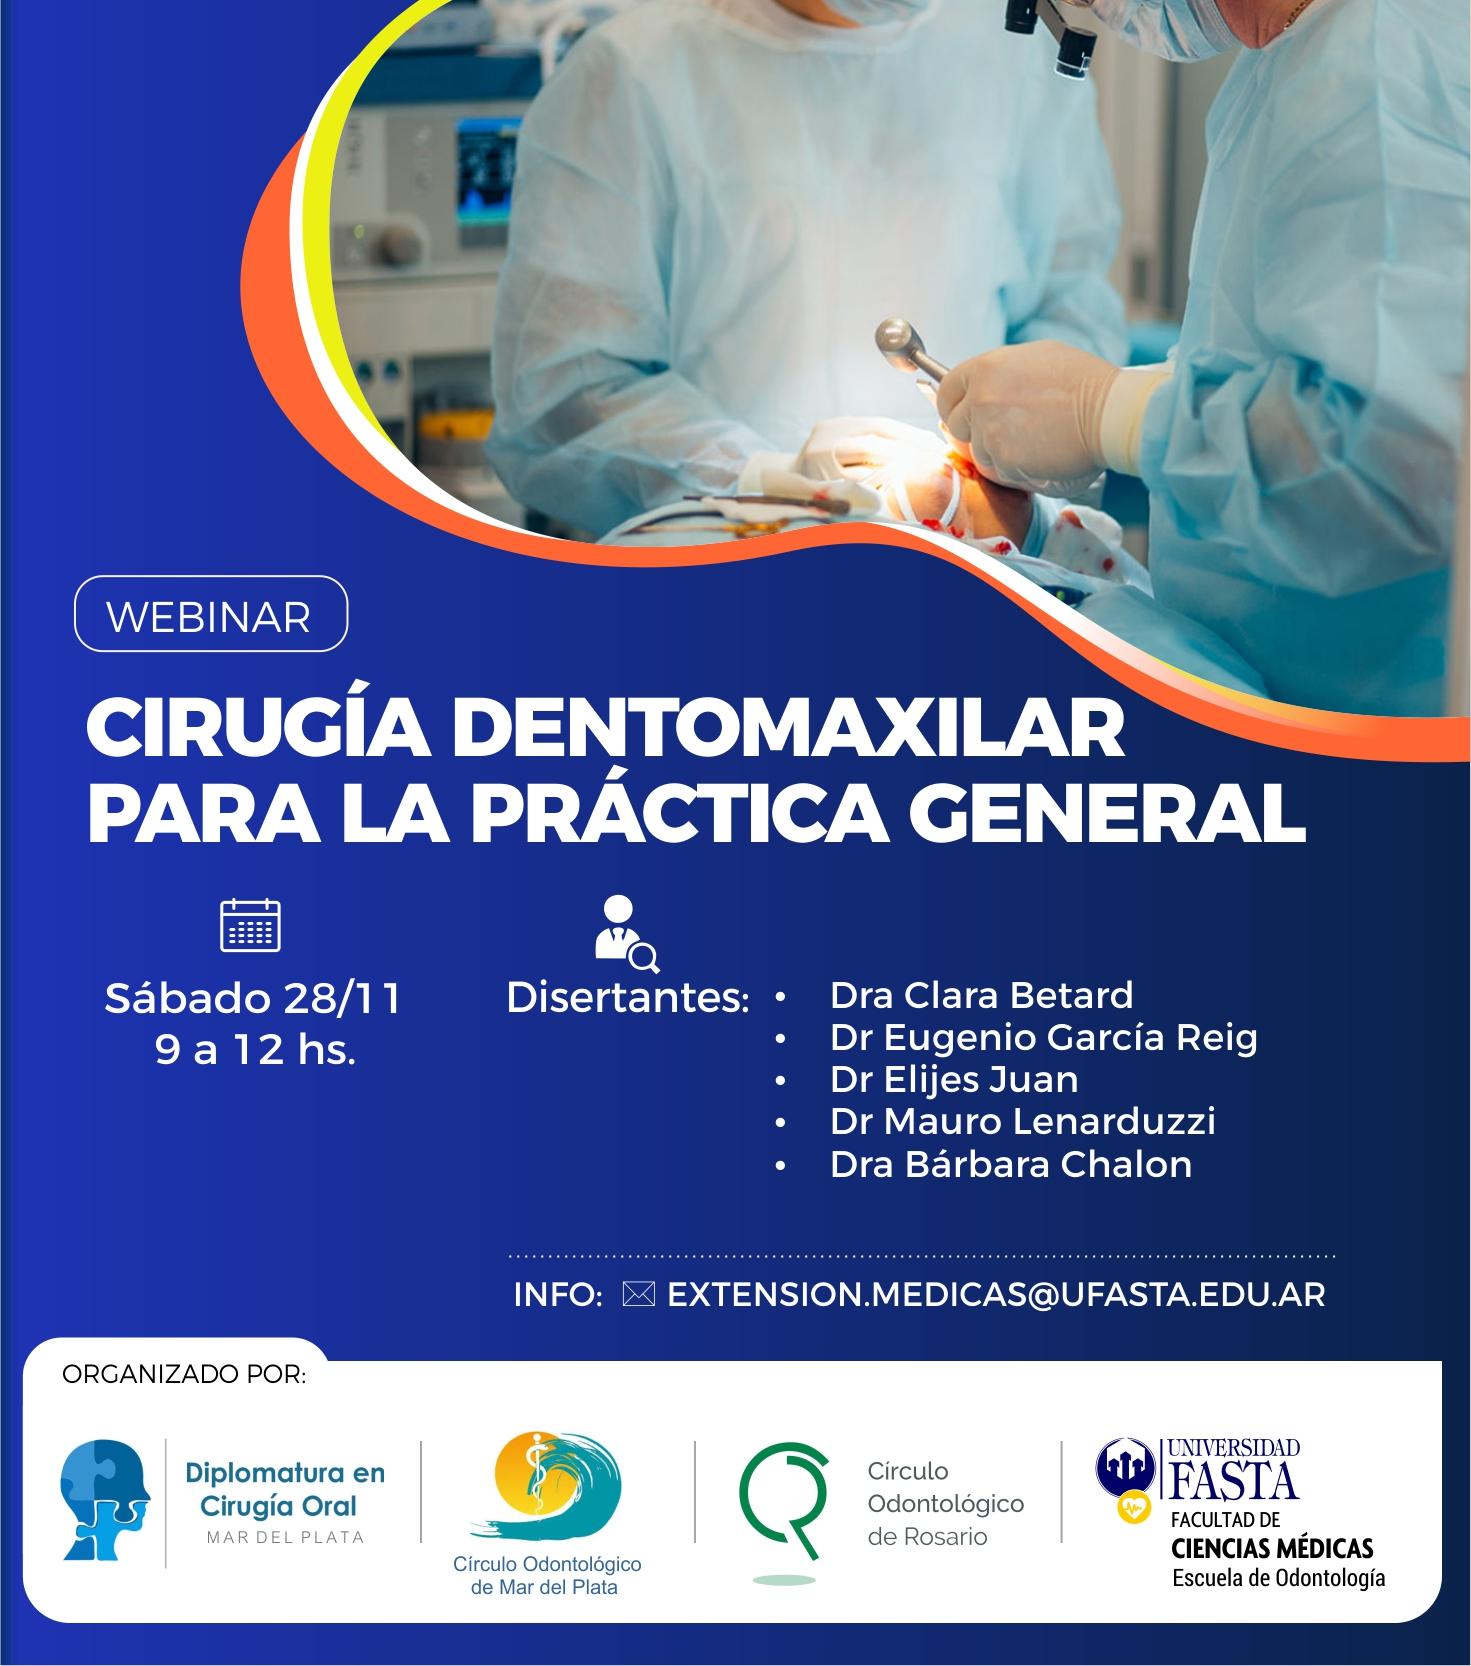 Webinar GRATUITO - Cirugía dentomaxilar para la práctica general.